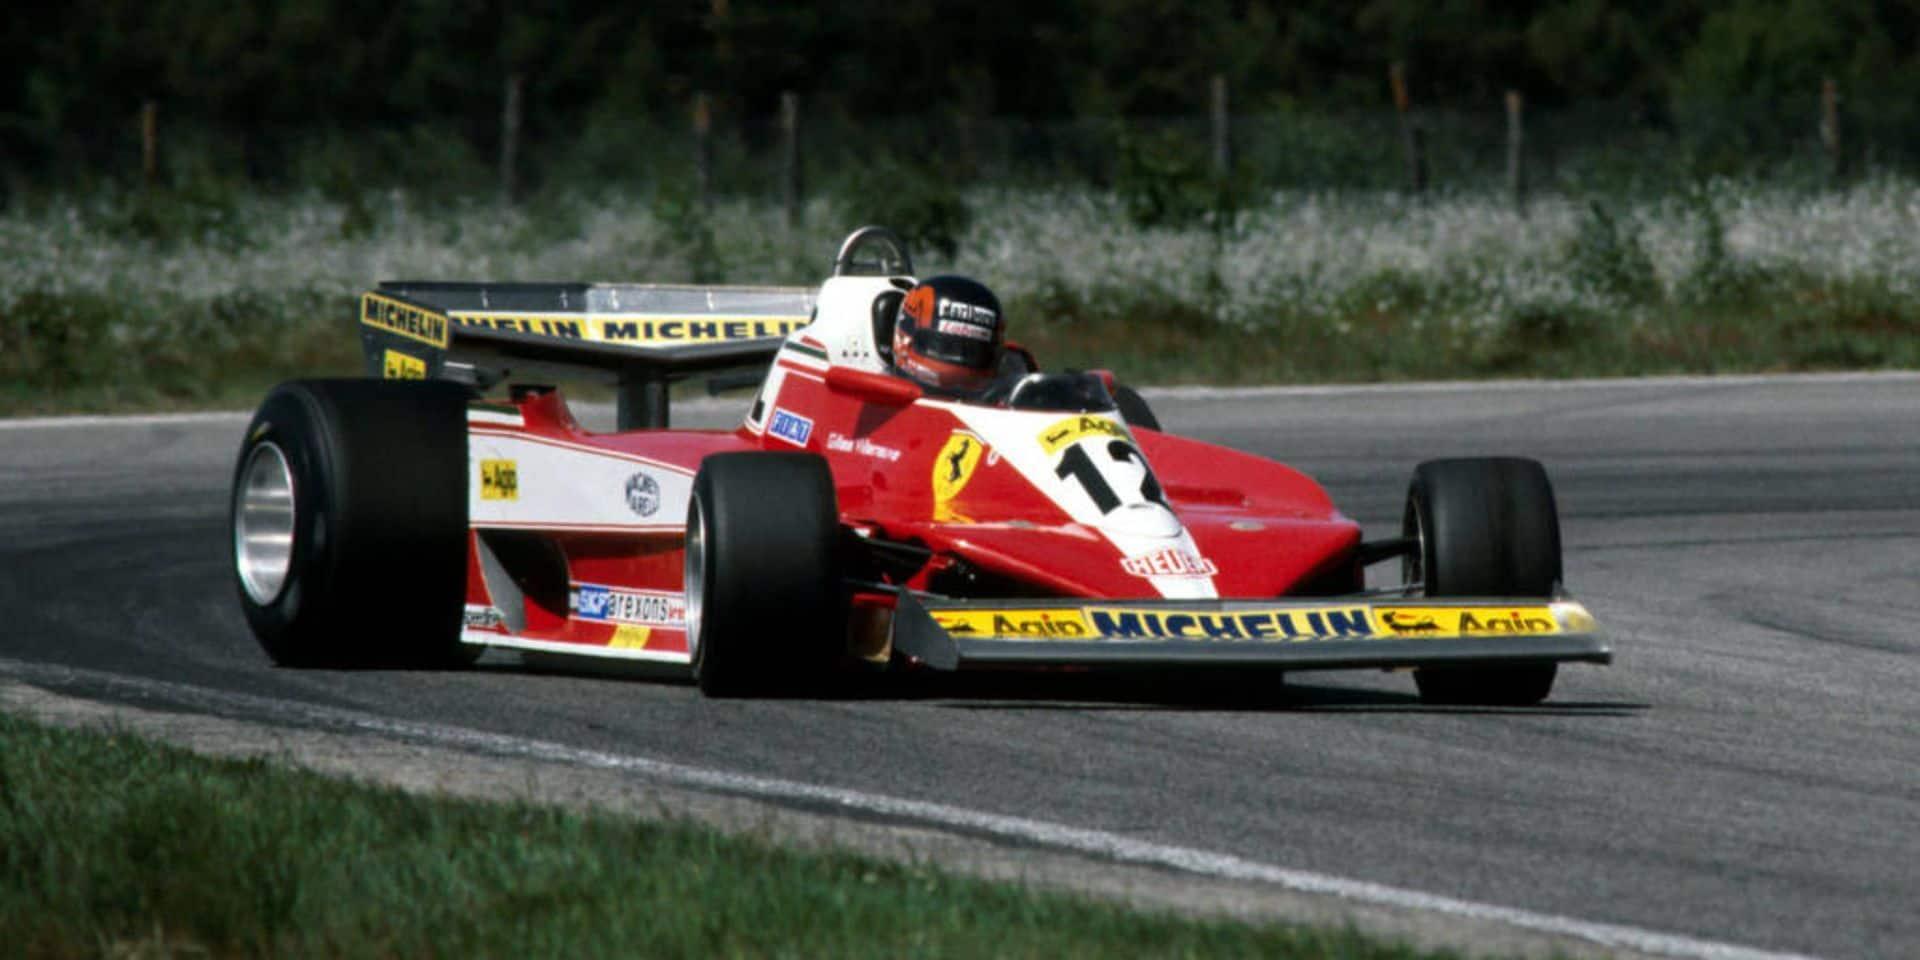 Les jeunes loups chez Ferrari: un lourd héritage pour Leclerc